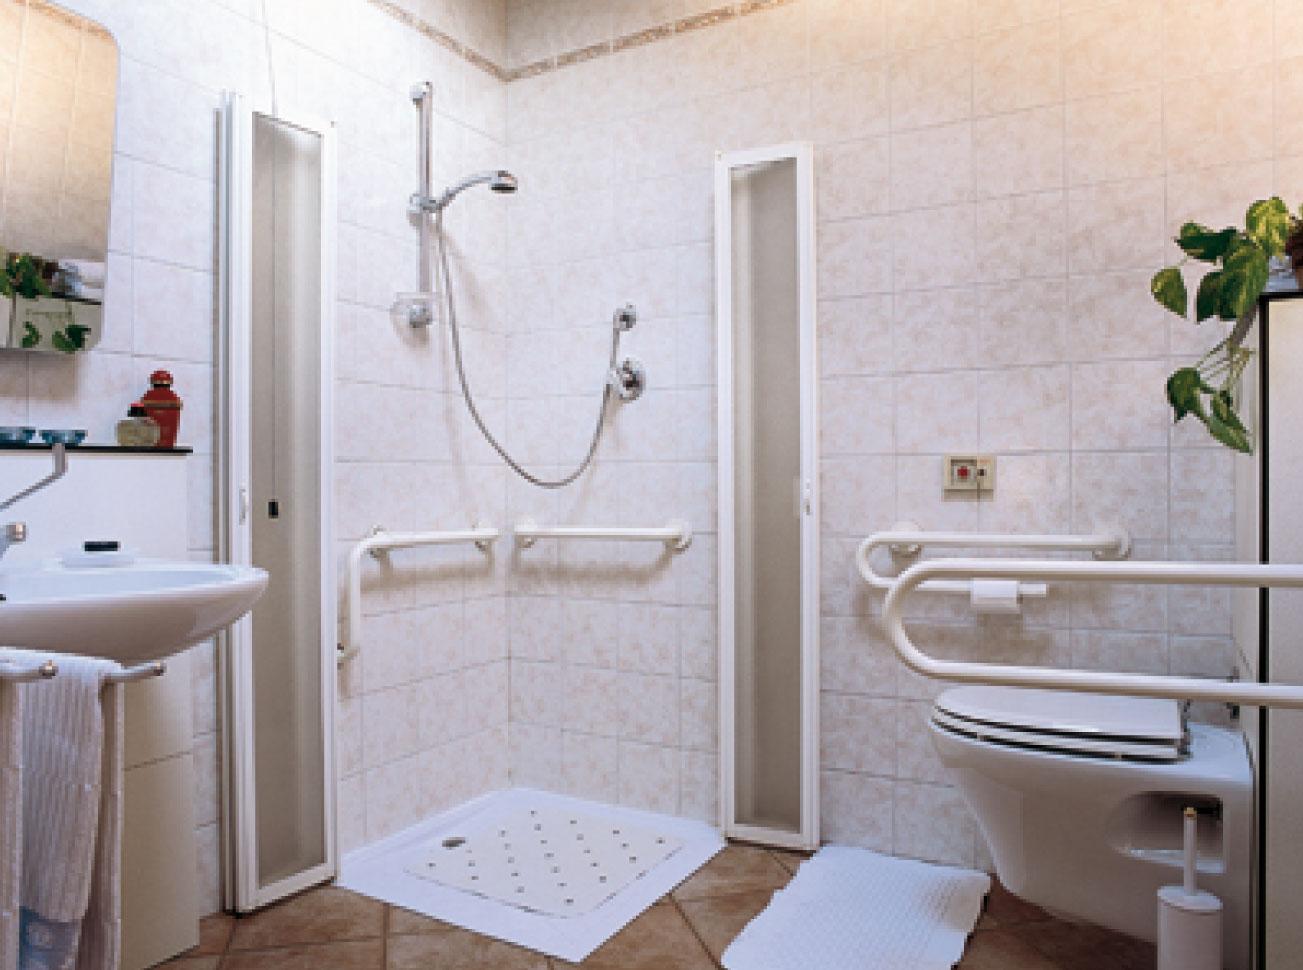 Realizzazione bagni per disabili quali agevolazioni - Accessori bagno disabili ...